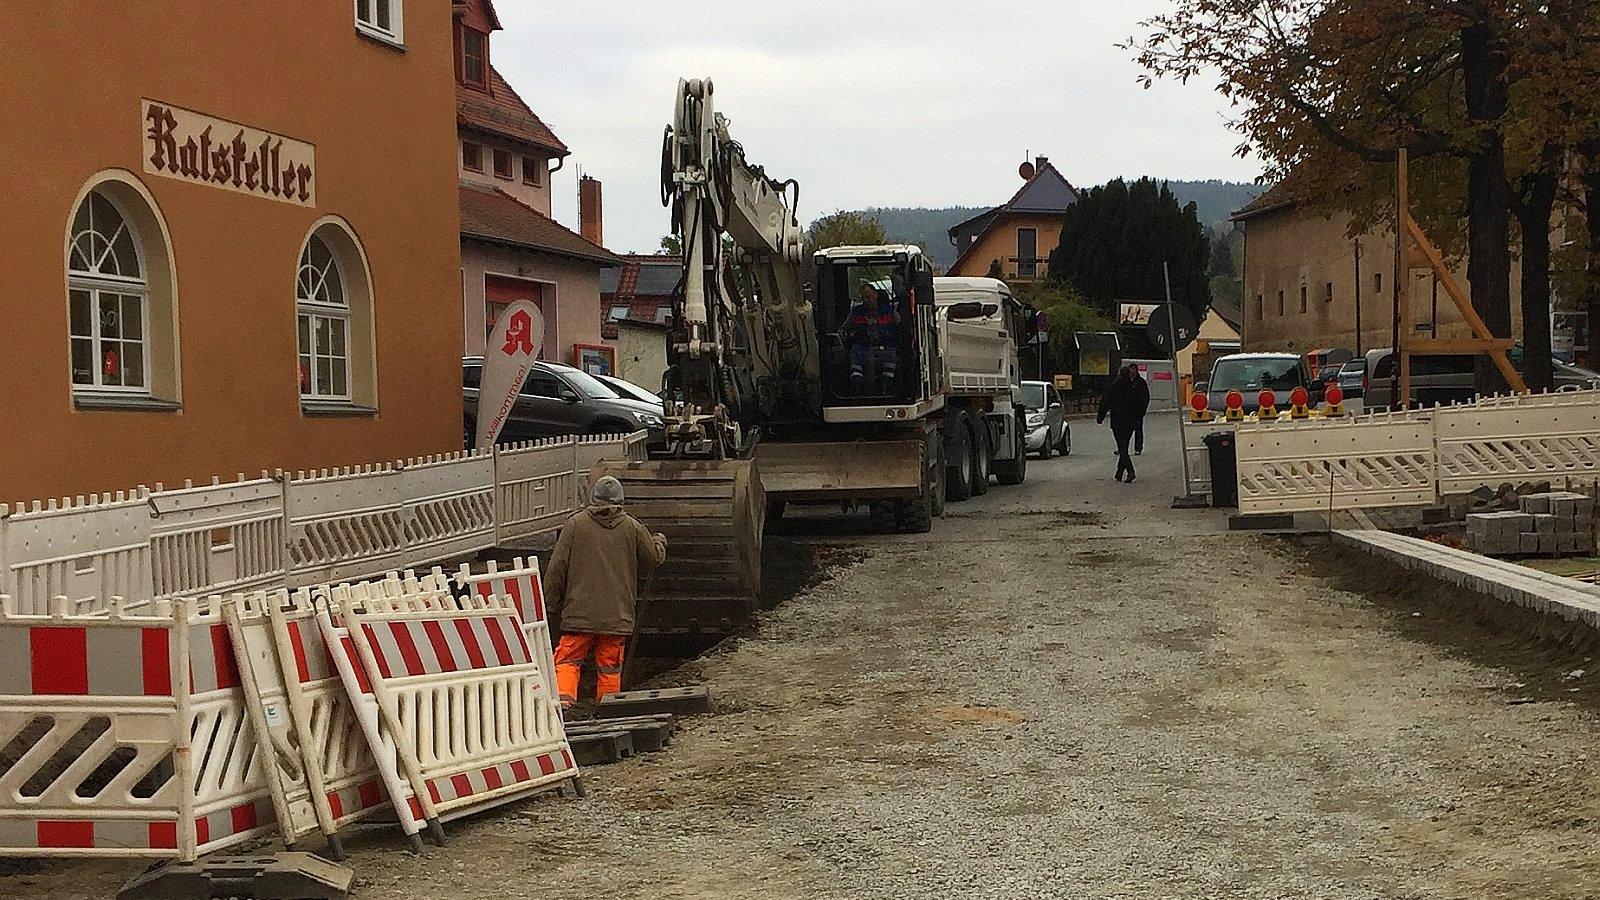 Baustelle Stadthof in Lobeda-Altstadt